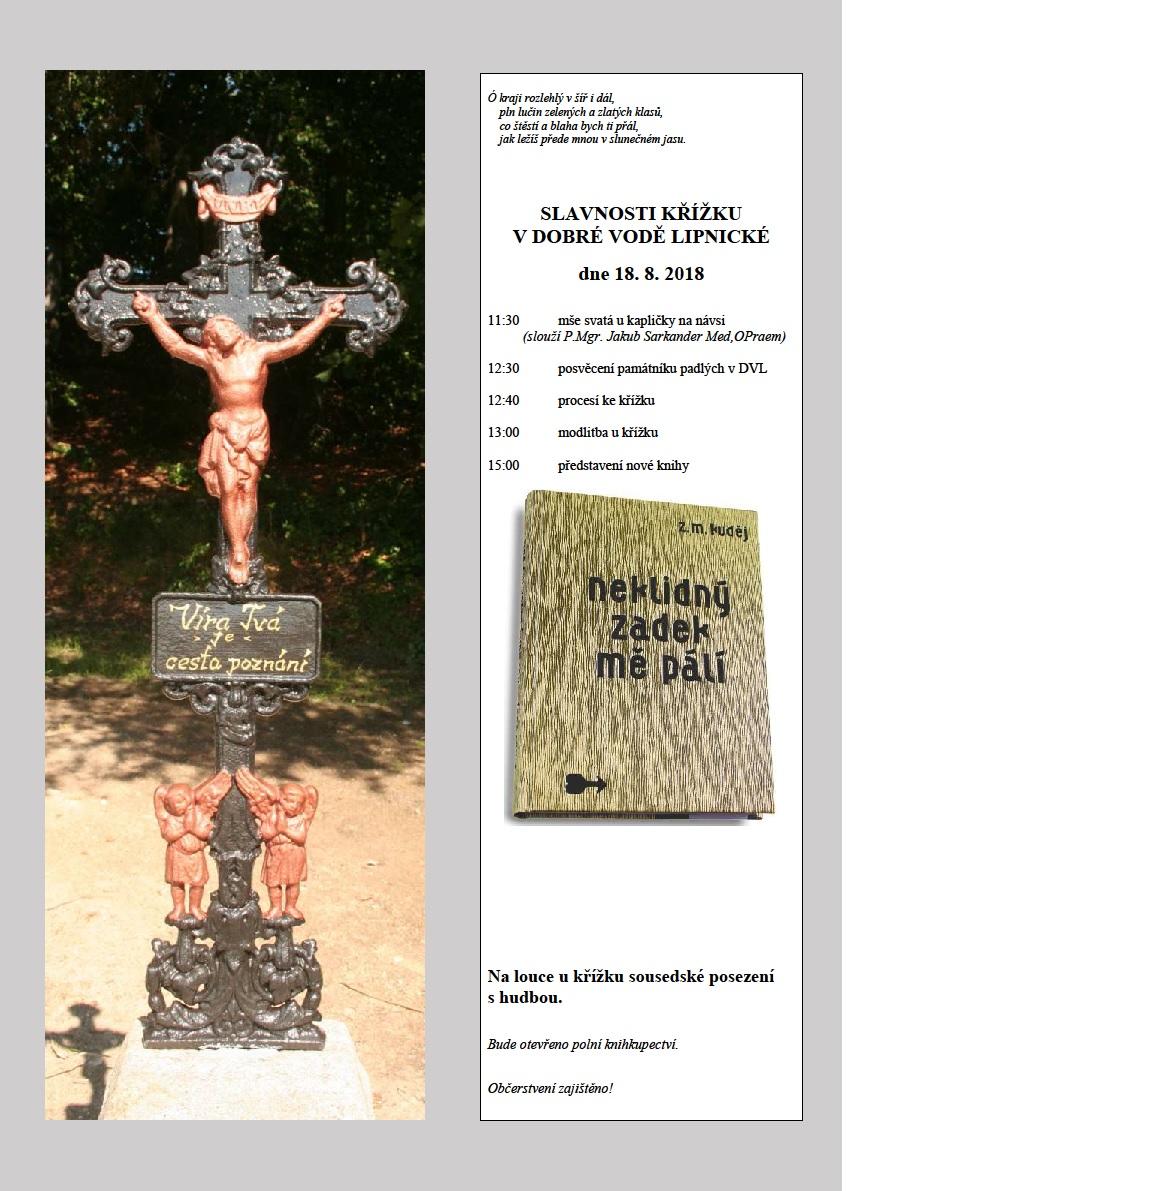 Slavnosti křížku v Dobré Vodě Lipnické